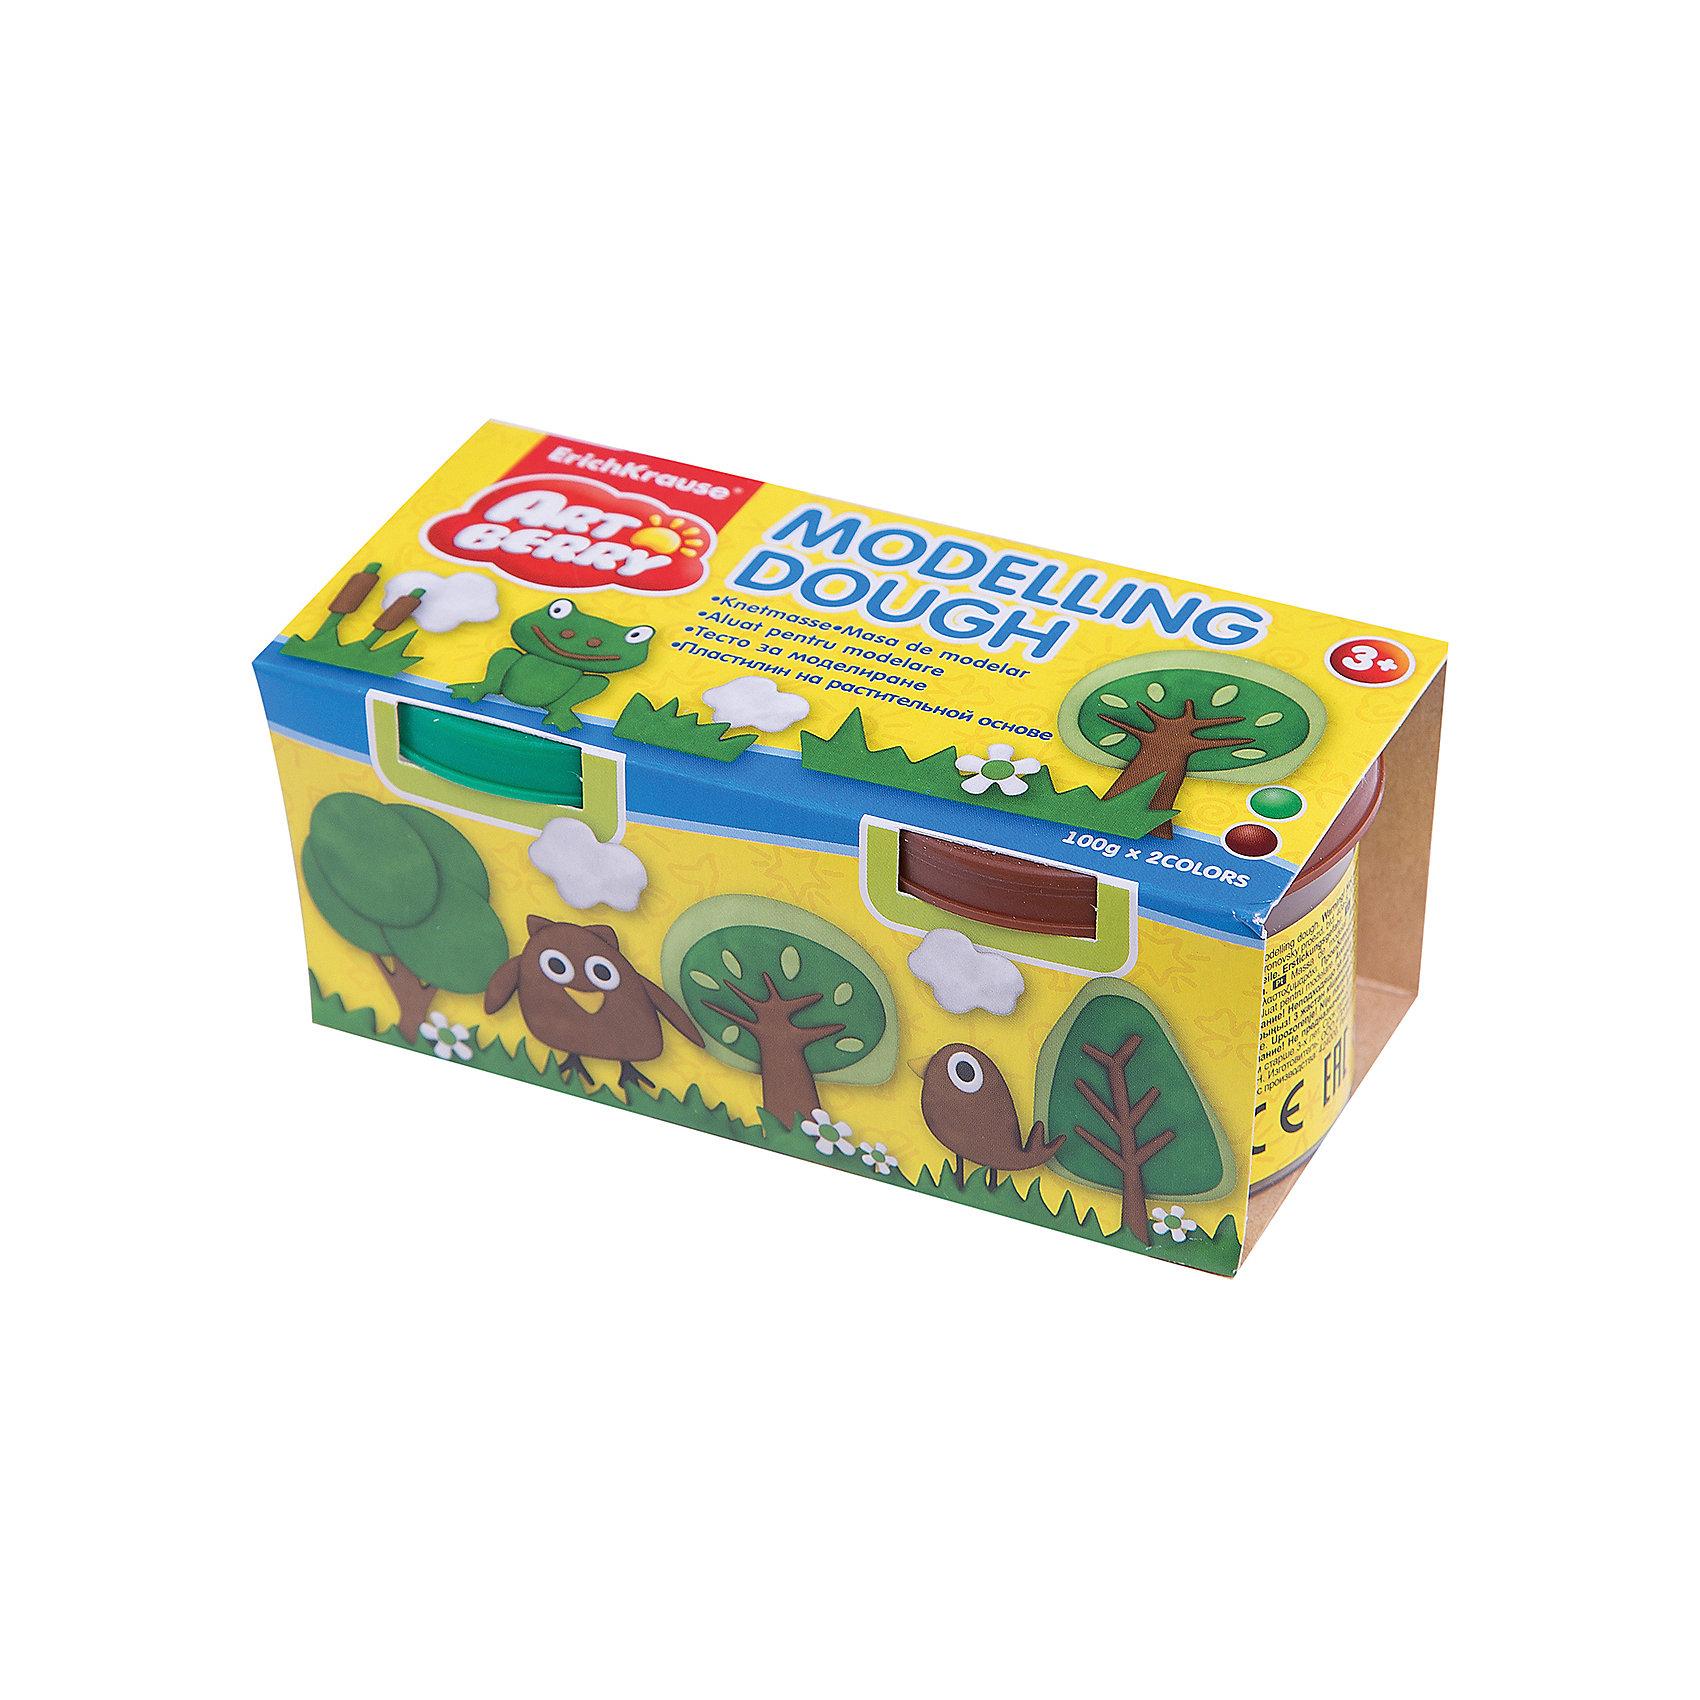 Пластилин на растительной основе Modelling Dough, 2 цвета по 100г (зеленый, коричневый)Пластилин на растит. основе Modelling Dough, 2 бан/100г зел+корич, карт.рукав<br><br>Ширина мм: 130<br>Глубина мм: 55<br>Высота мм: 57<br>Вес г: 253<br>Возраст от месяцев: 60<br>Возраст до месяцев: 216<br>Пол: Унисекс<br>Возраст: Детский<br>SKU: 5409328